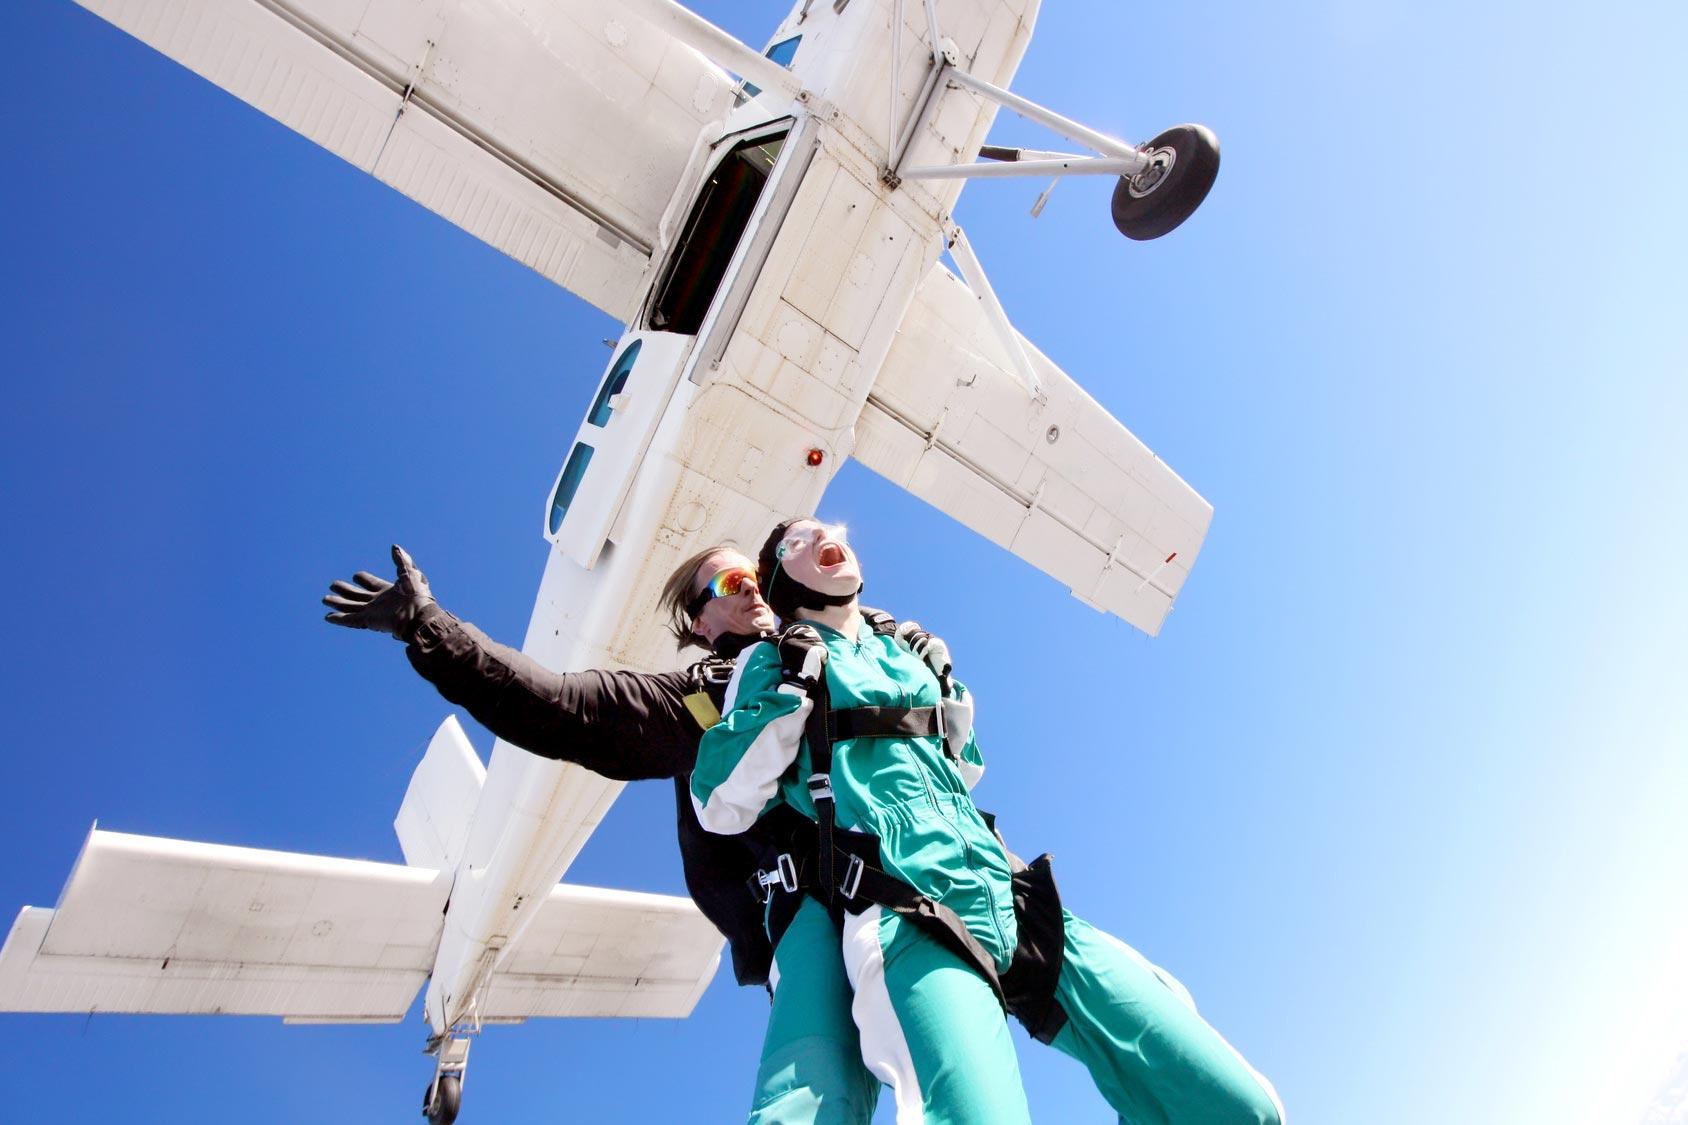 Skok ze spadochronem – jak to wygląda?